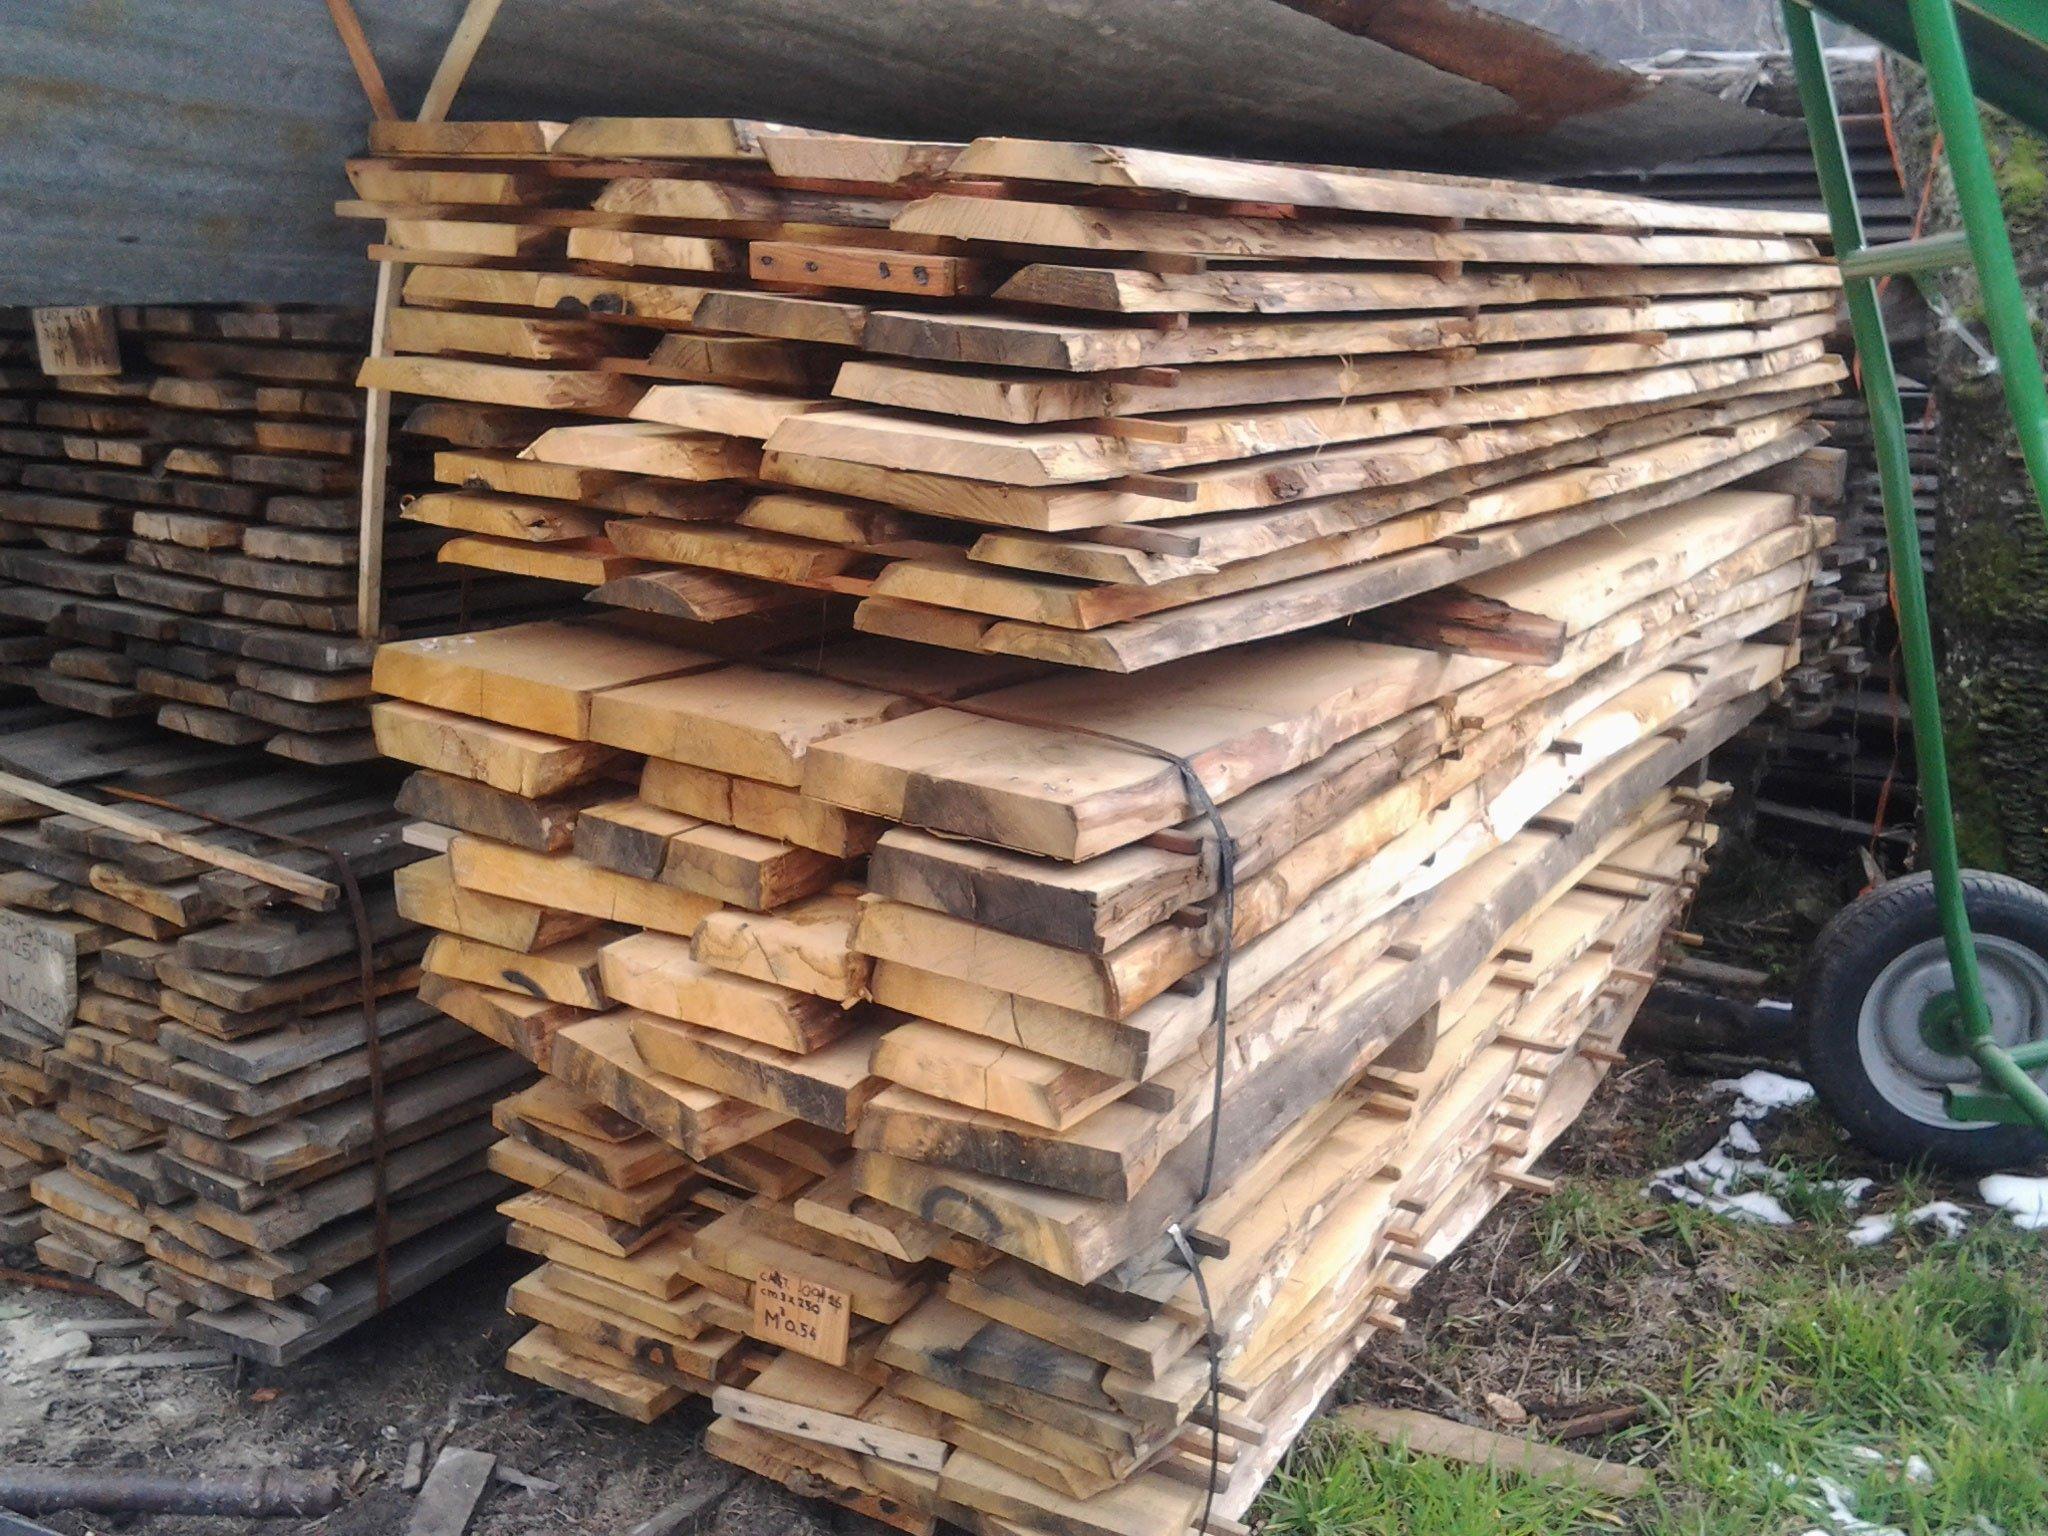 insieme di legna tagliata e accanto la ruota di un carrello in ferro verde